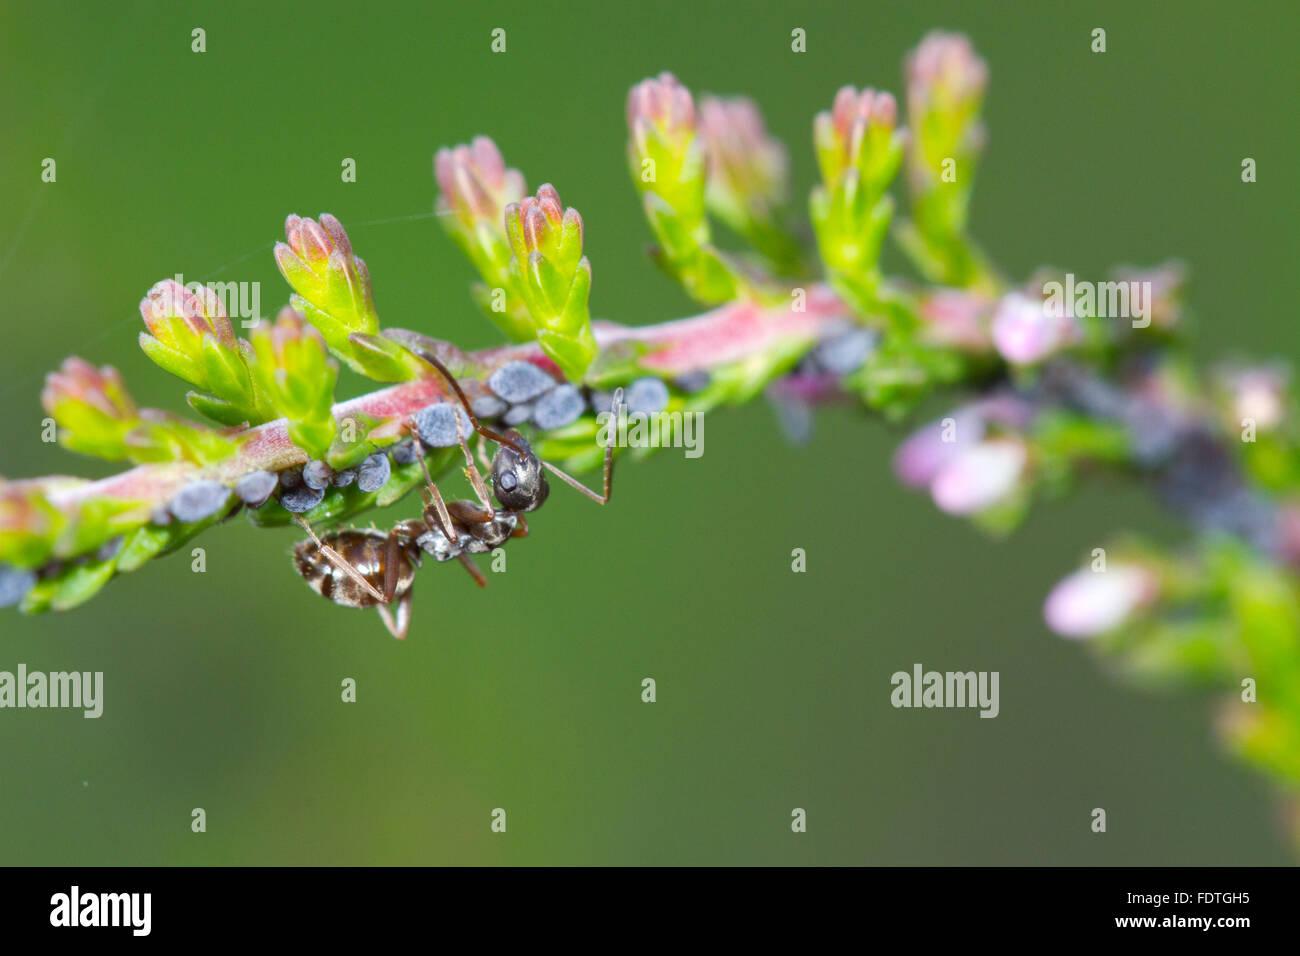 Negro hormiga (Formica fusca) trabajador adulto tendiendo los áfidos en brezo común o Ling (Calluna vulgaris). Powys, Gales. De septiembre. Foto de stock